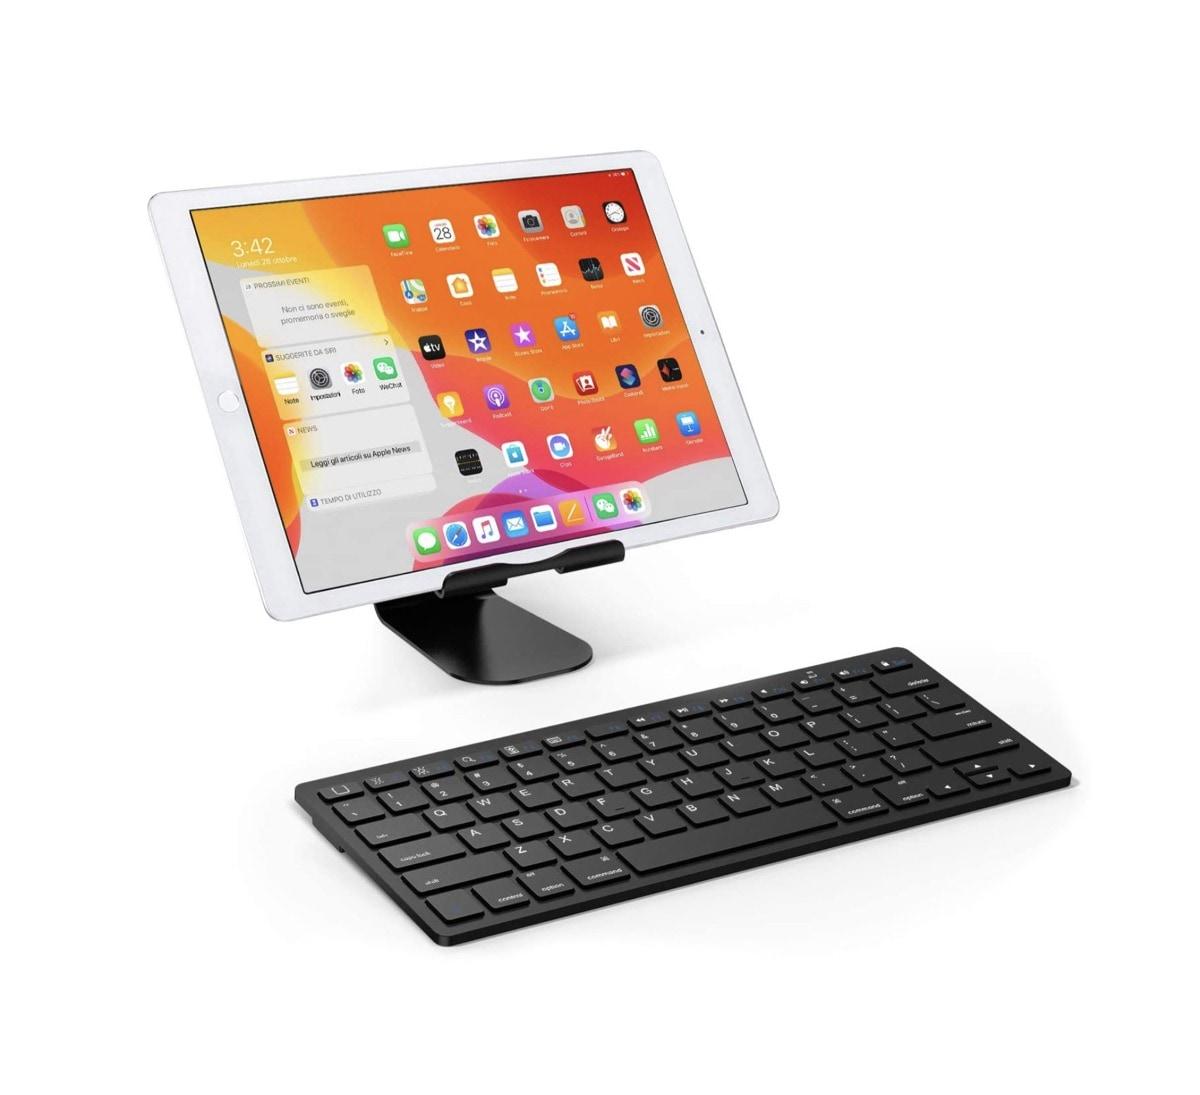 Amazon Fire HD 10 best keyboards - Omoton